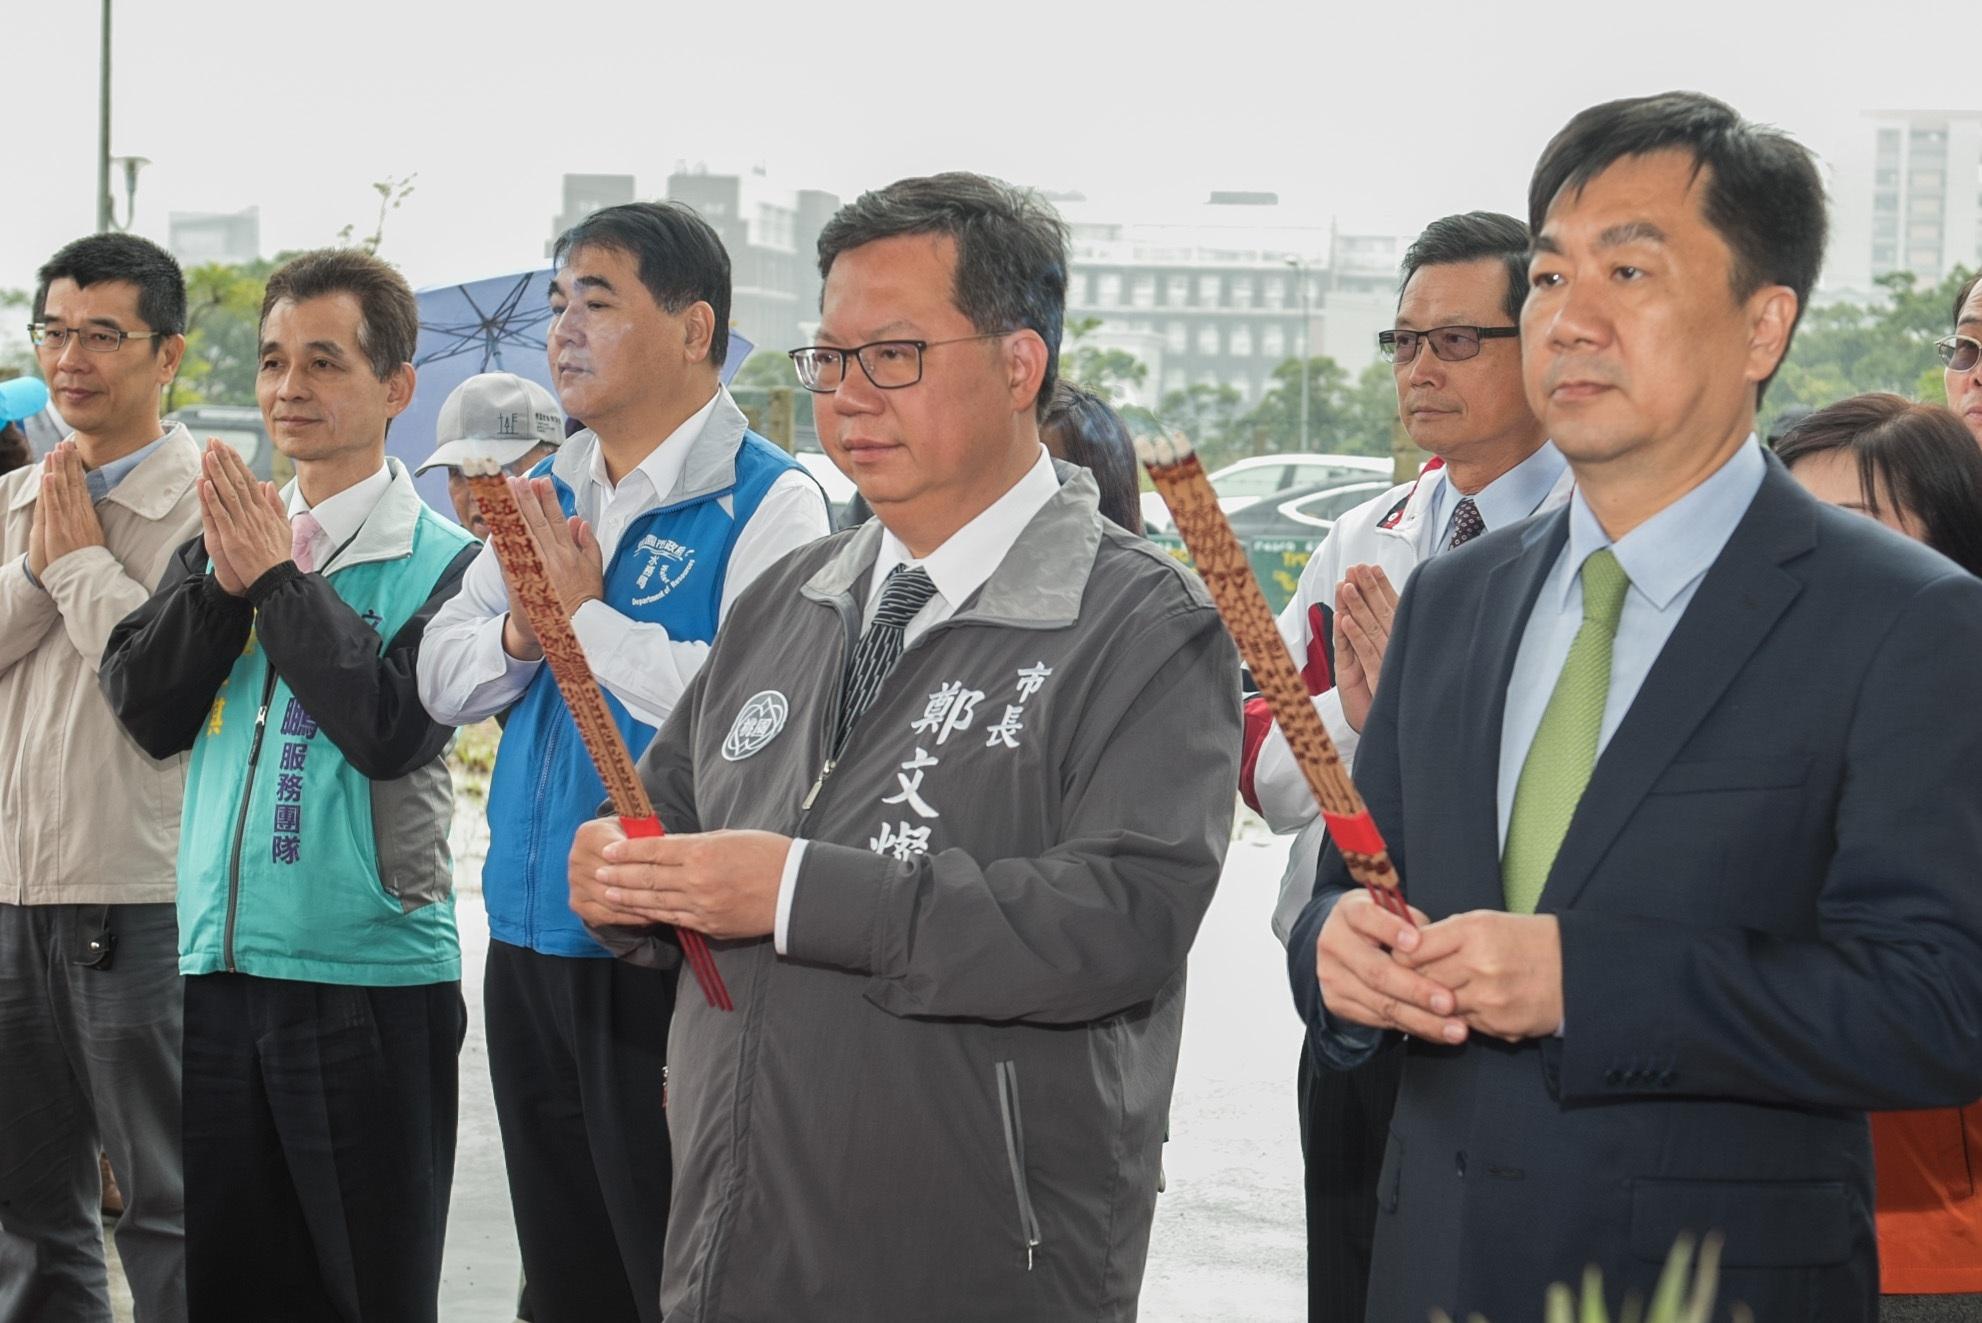 鄭市長進行祈福儀式